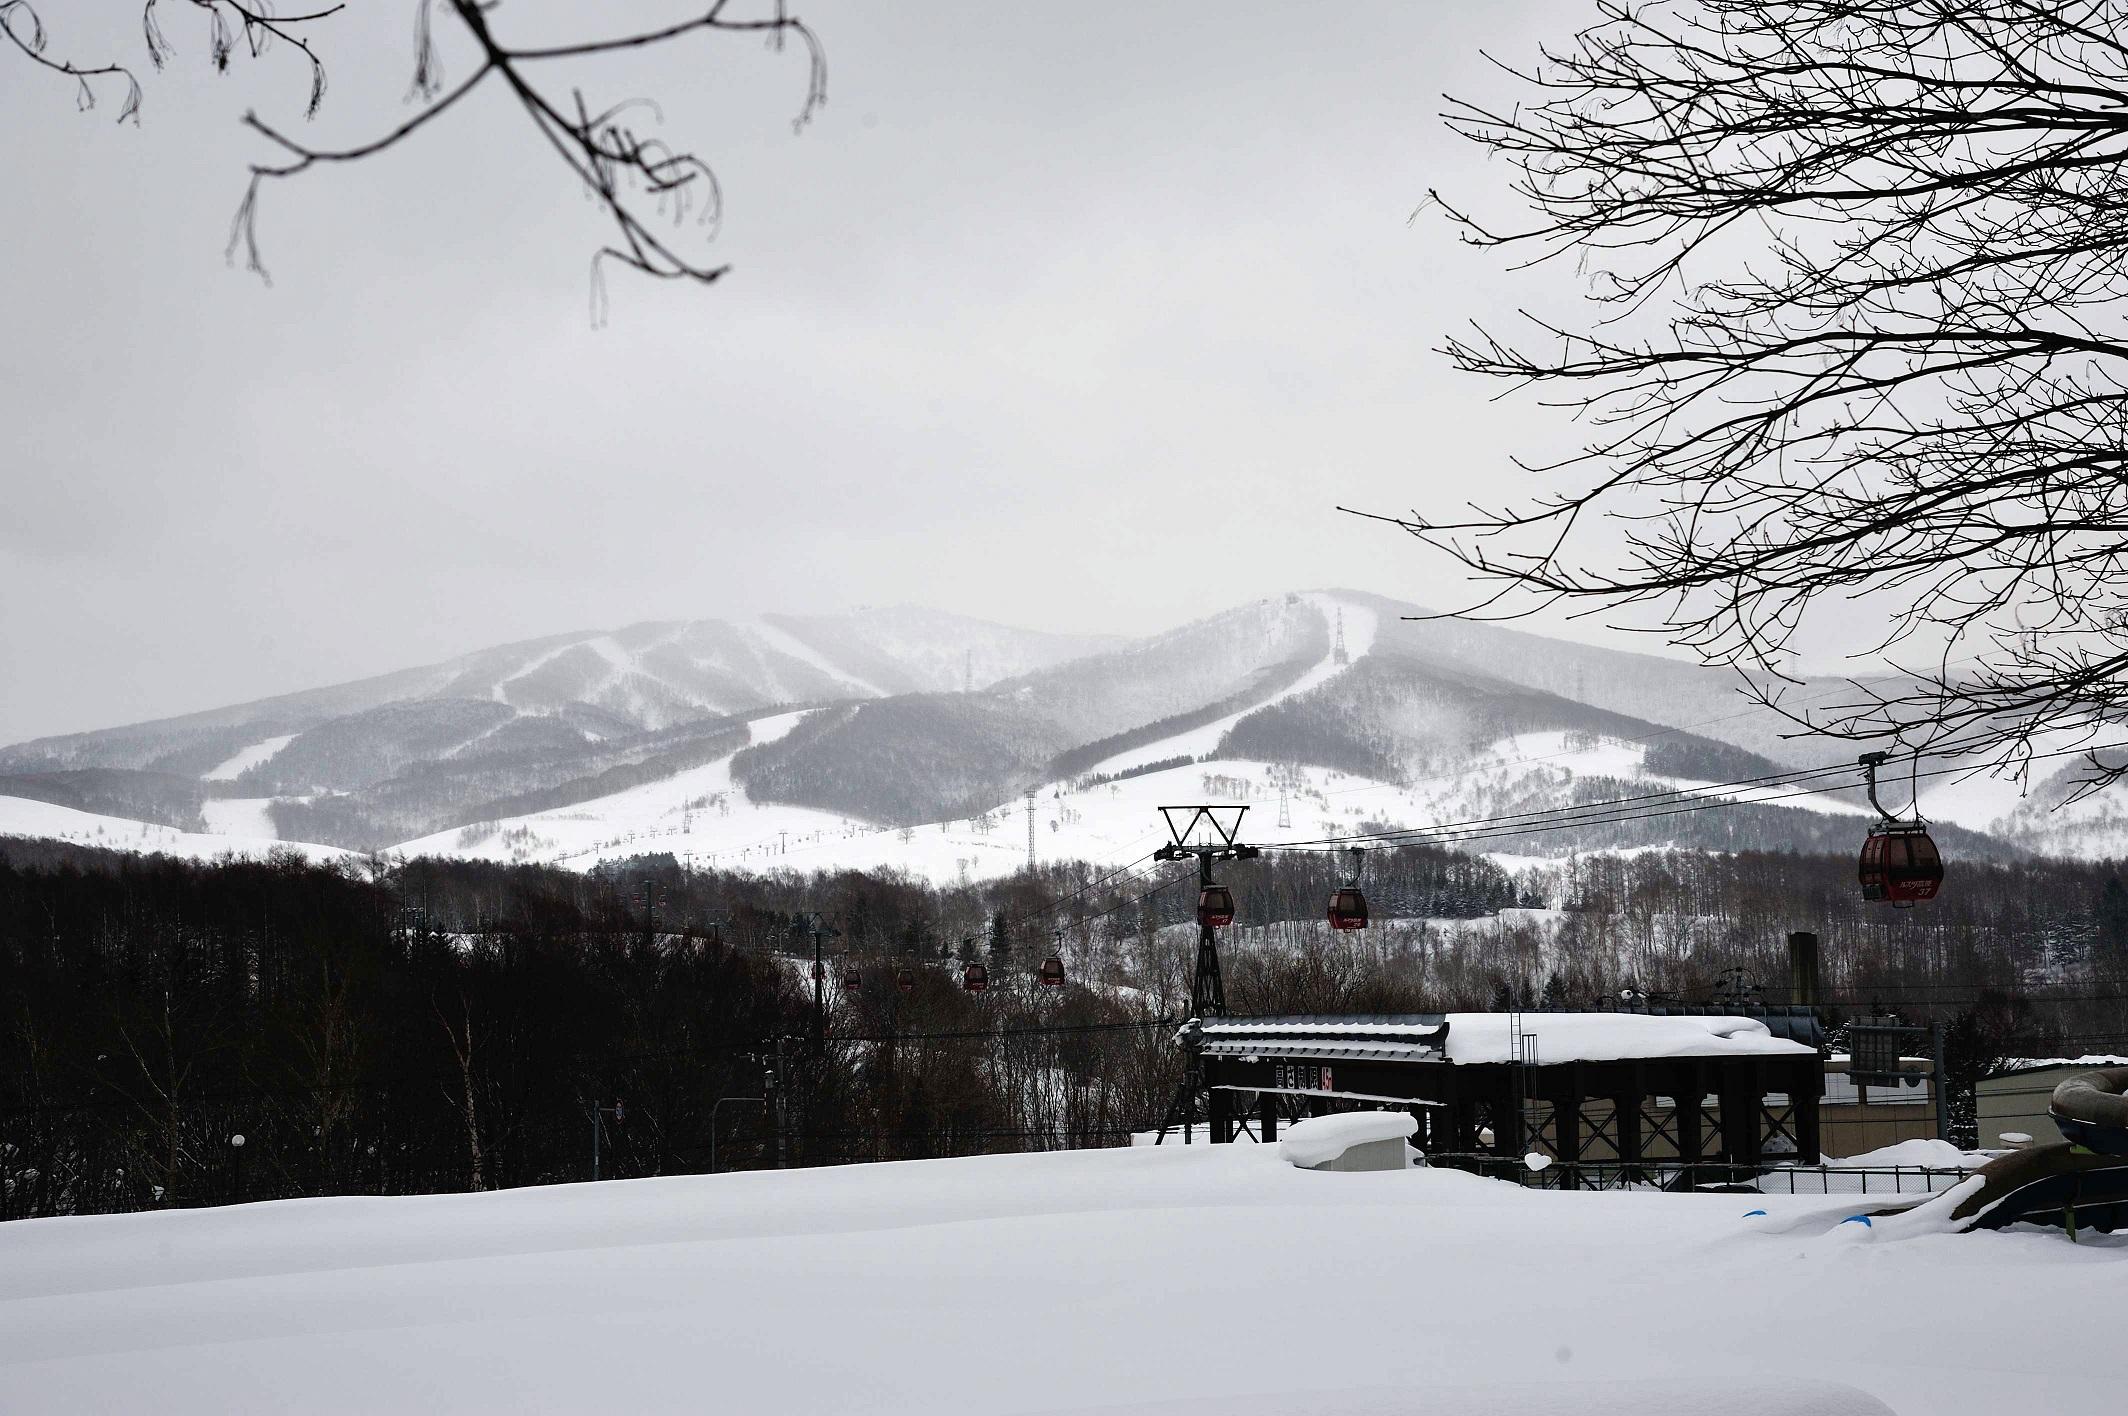 亚布力滑雪场-北海道雪场实况